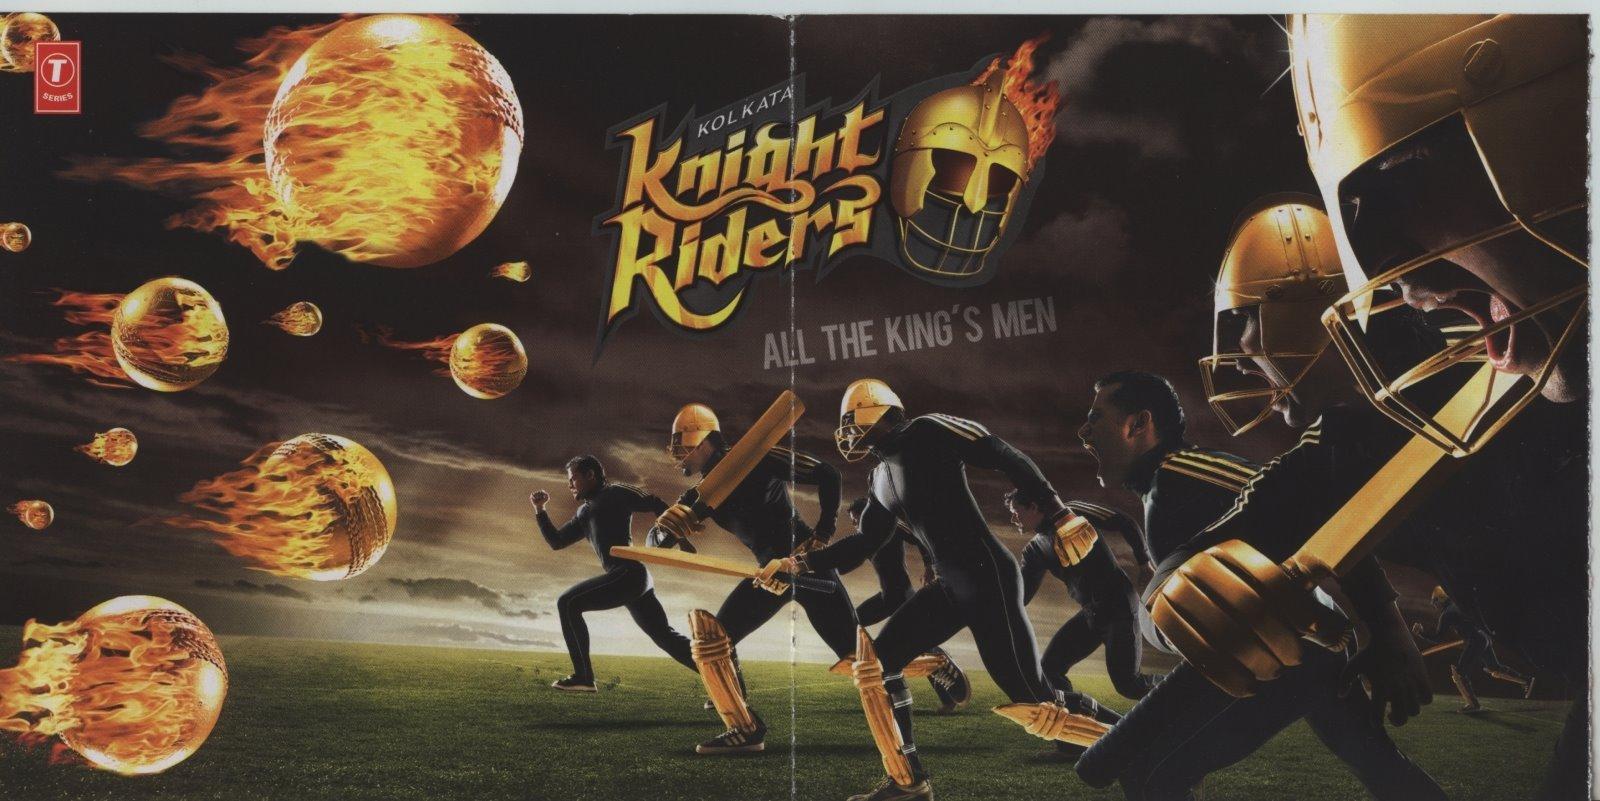 kolkata knight riders wallpaper kkr wallpaper kolkata knight riders 1600x801